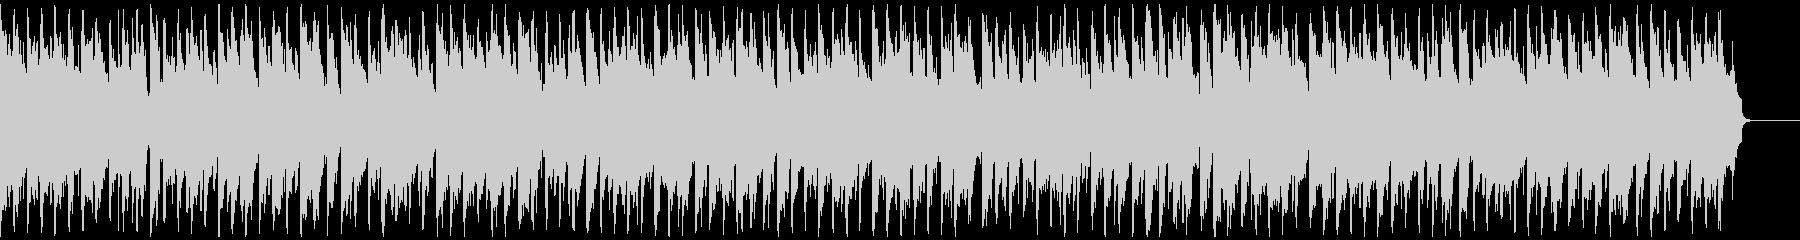 Handel's arrangement for the award ceremony Snare Ver's unreproduced waveform